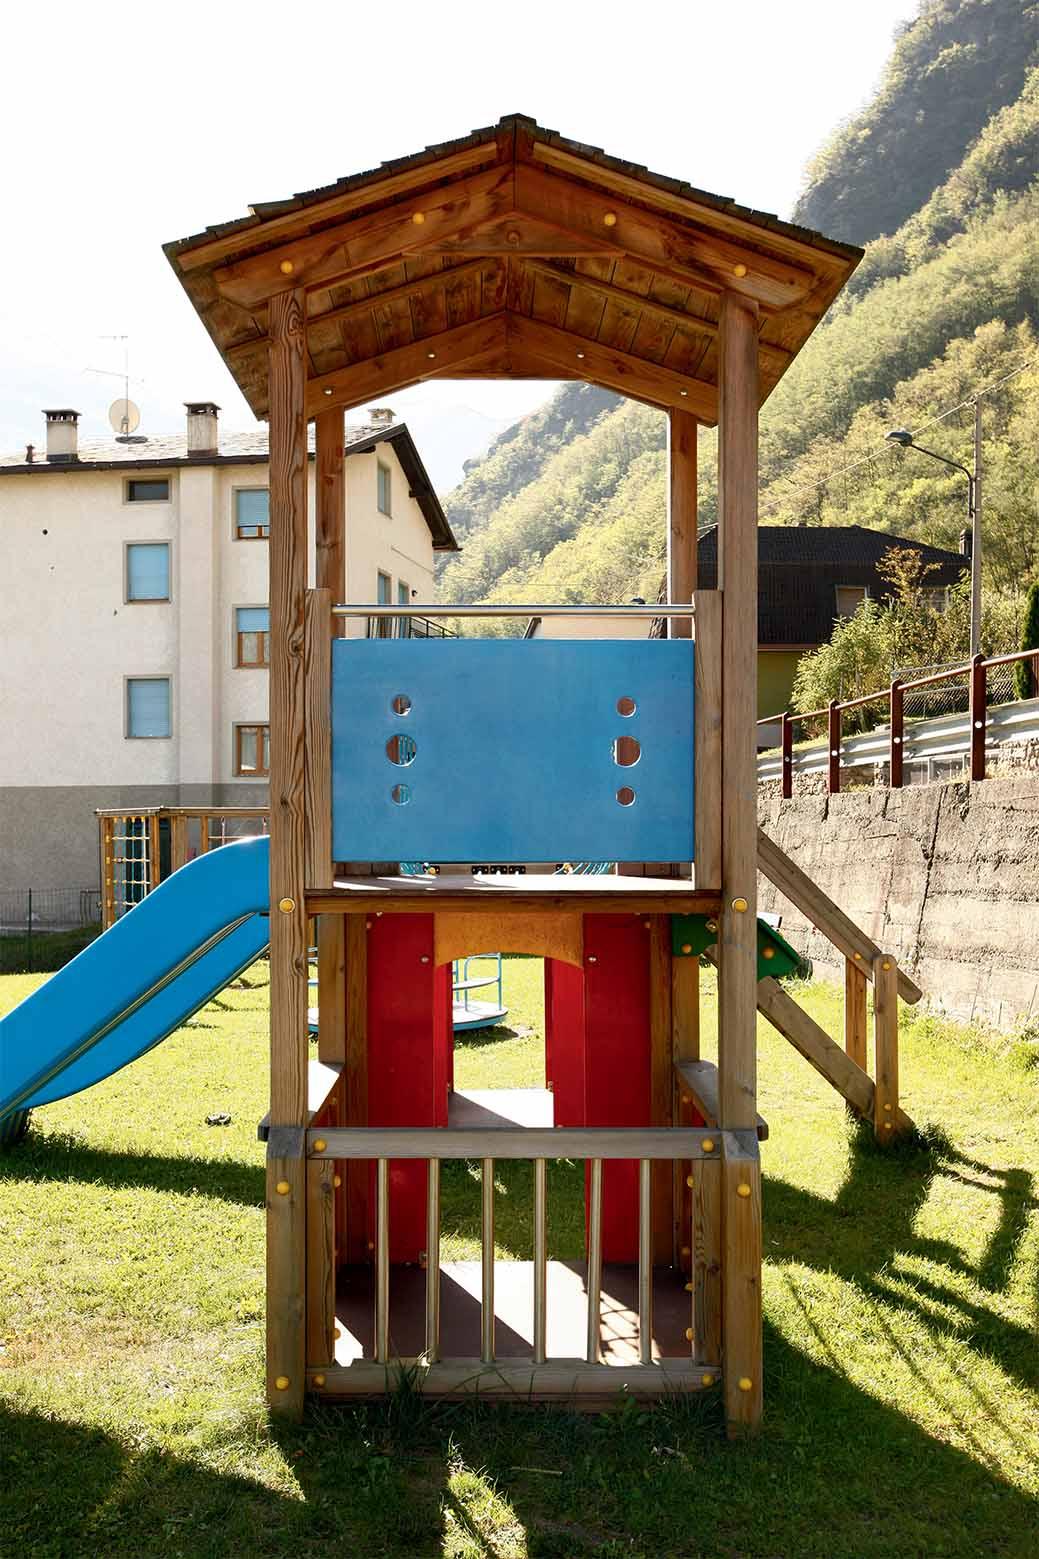 Doppia torre gioco con ponte tibetano in legno di pino impregnato in autoclave realizzata da Linea Montanalegno - ILT